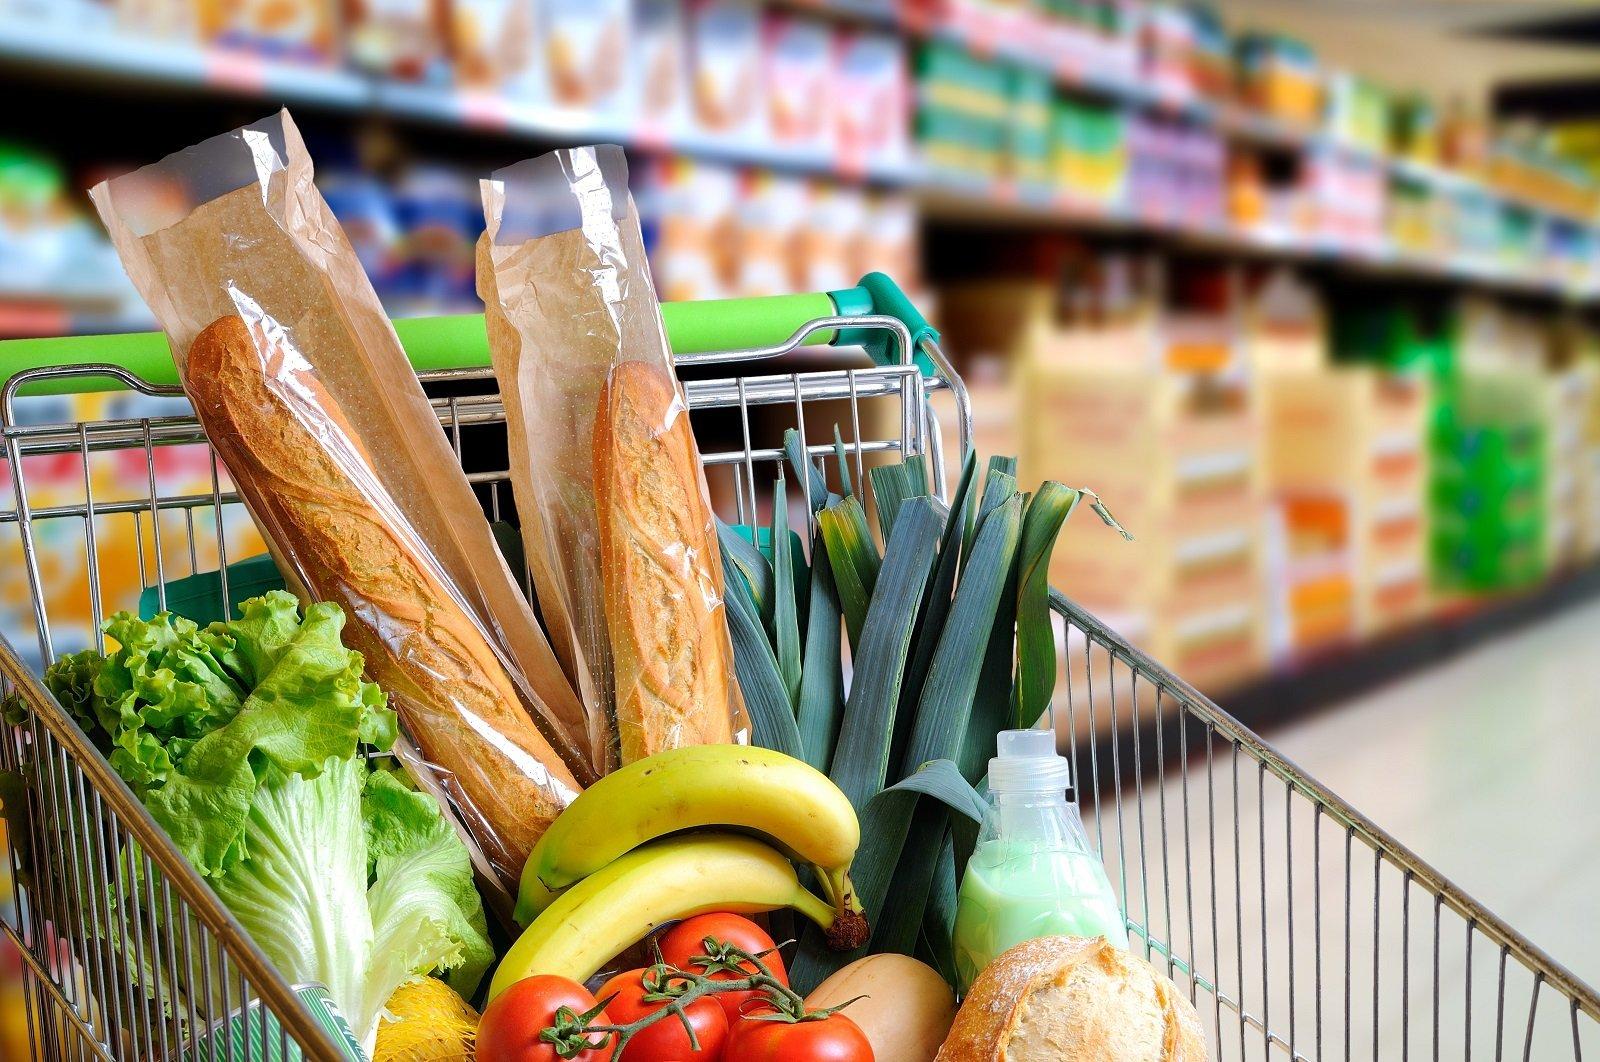 Carrello pieno di cibo nella navata del supermercato